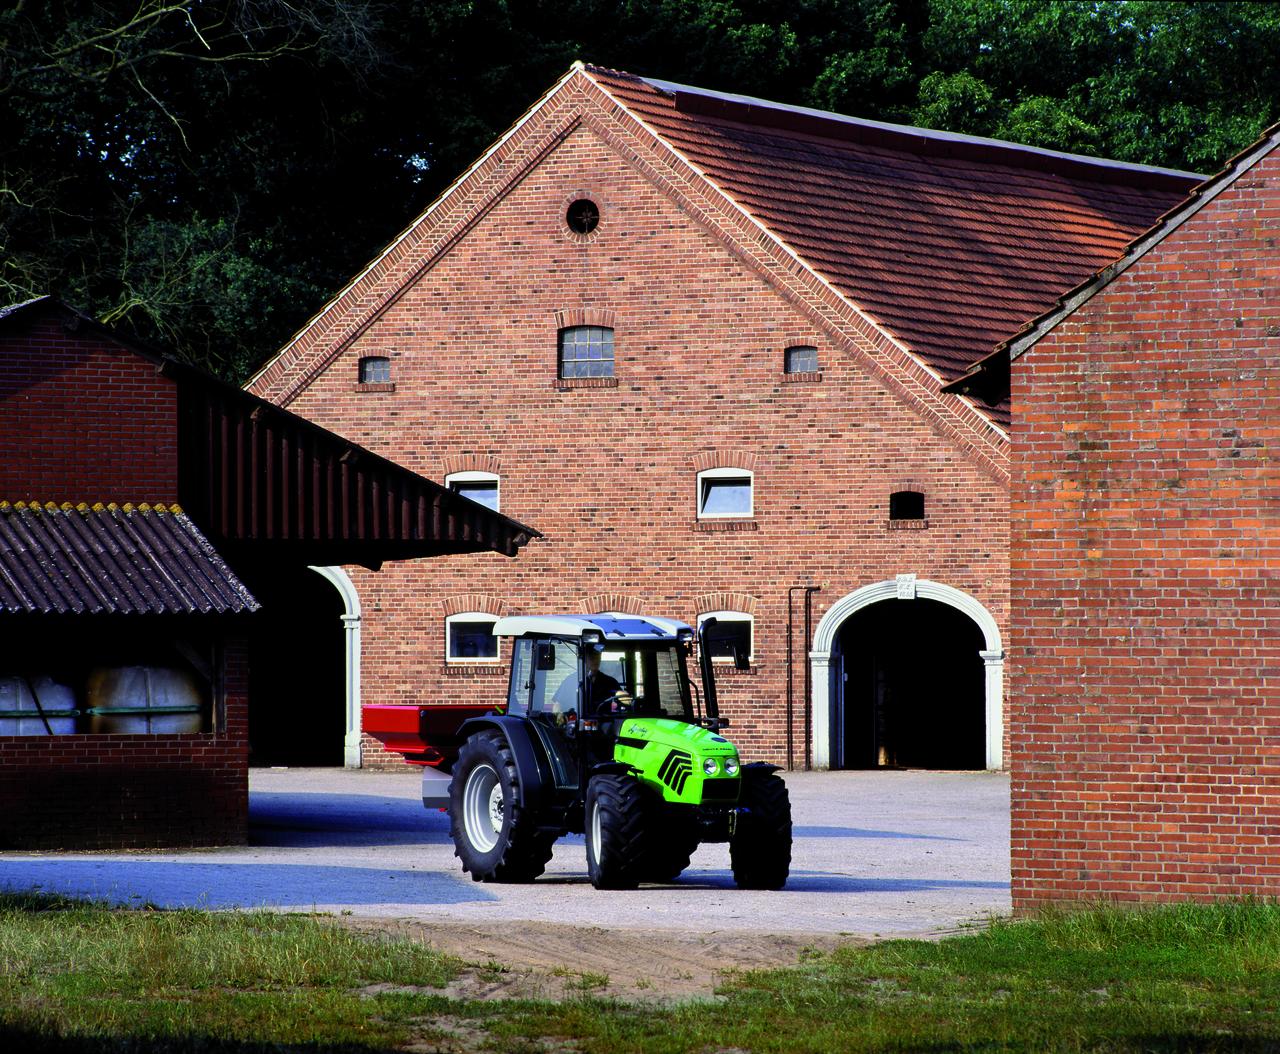 [Deutz-Fahr] trattore Agroplus 77 con spandiconcime in azienda